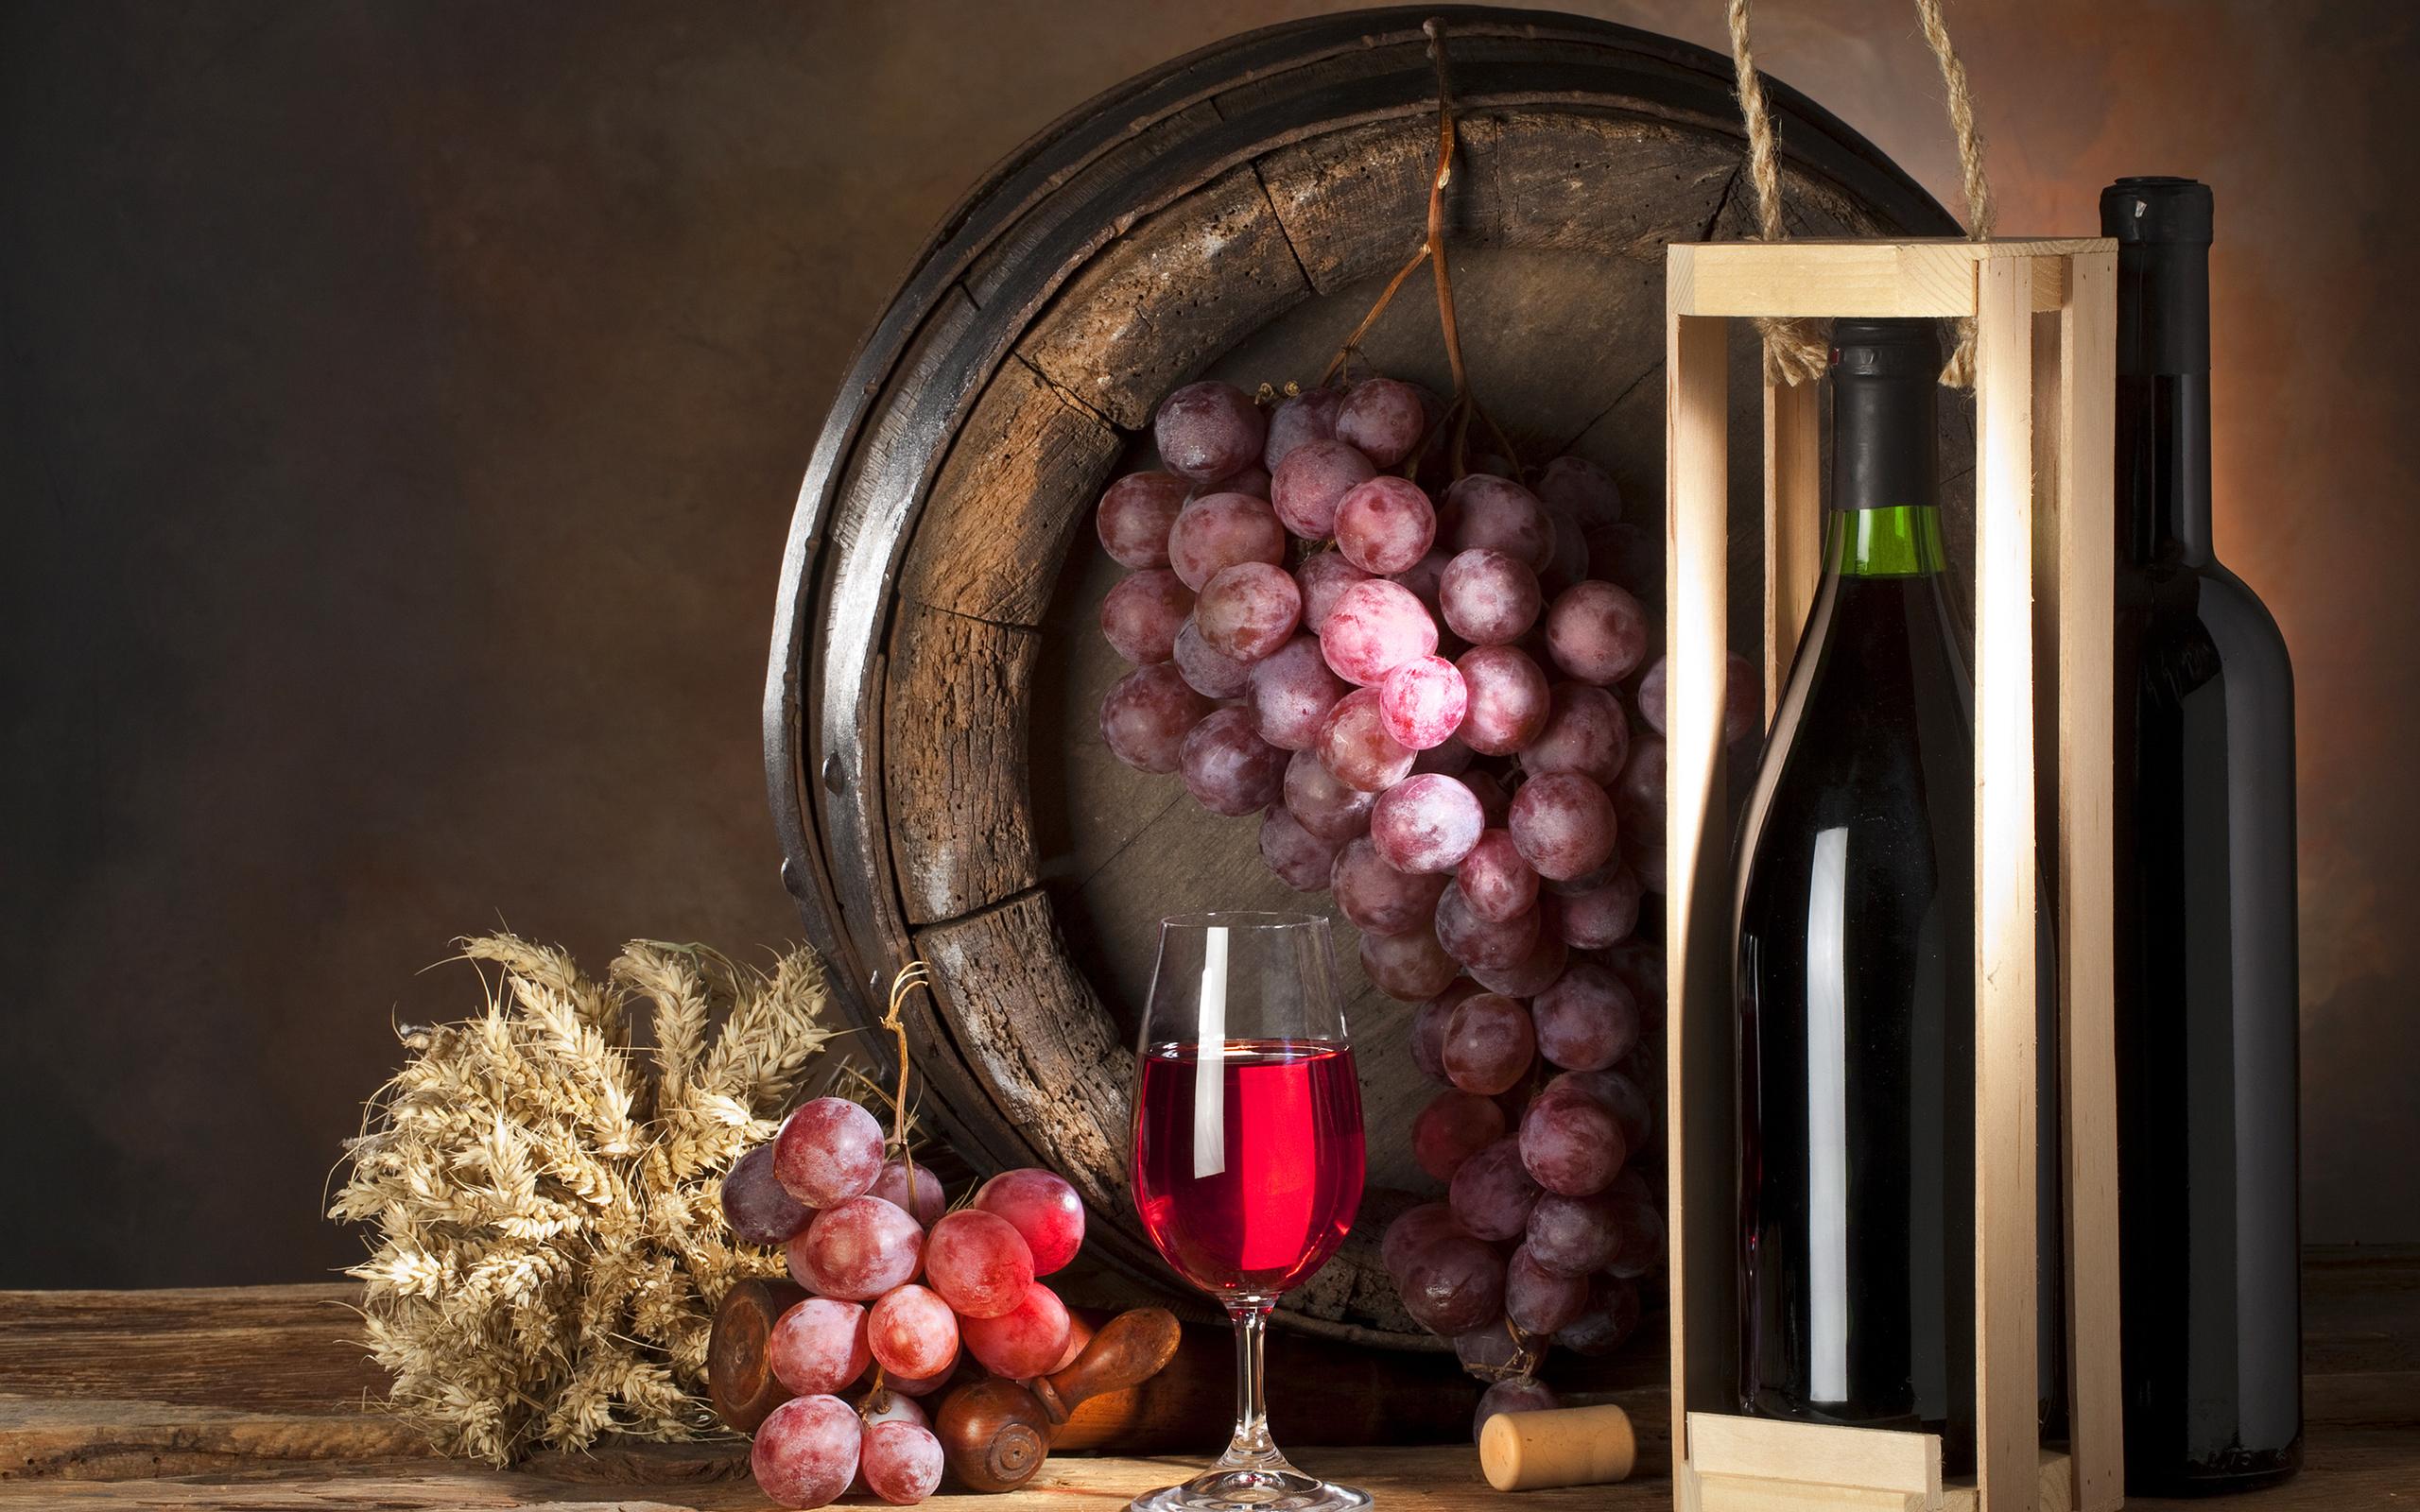 виноград и бутылка вина, бочка